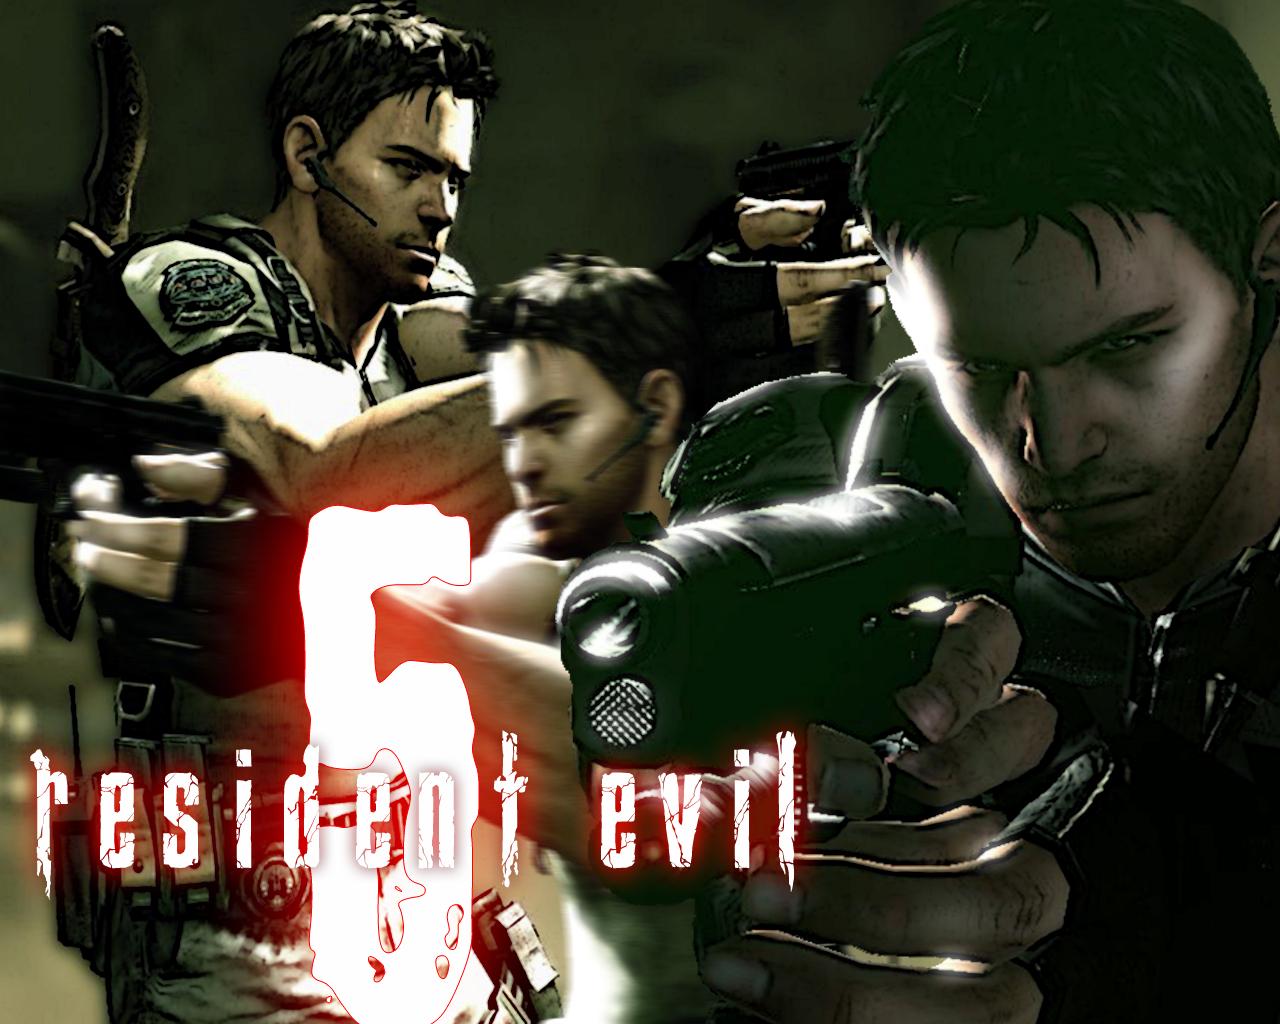 Resident Evil 5 Chris Redfield By Omni Dante On Deviantart